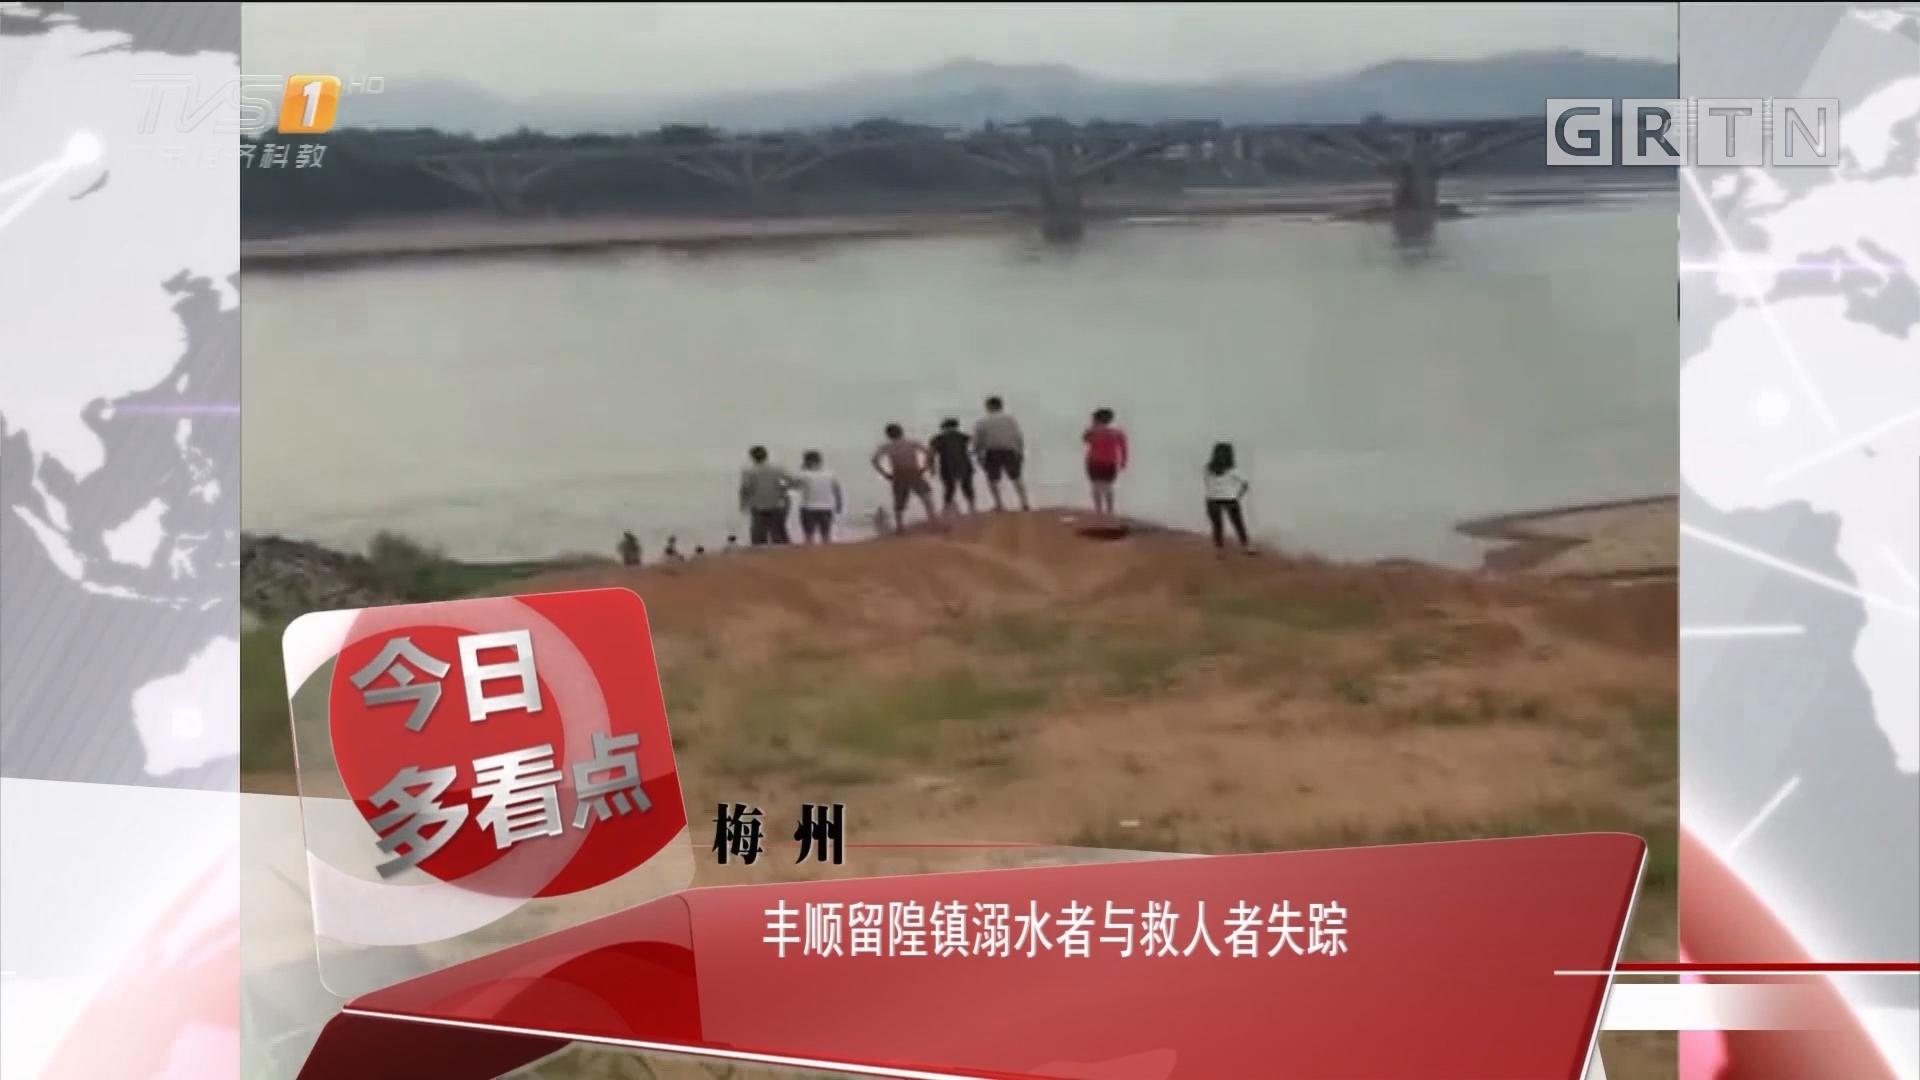 梅州:丰顺留隍镇溺水者与救人者失踪